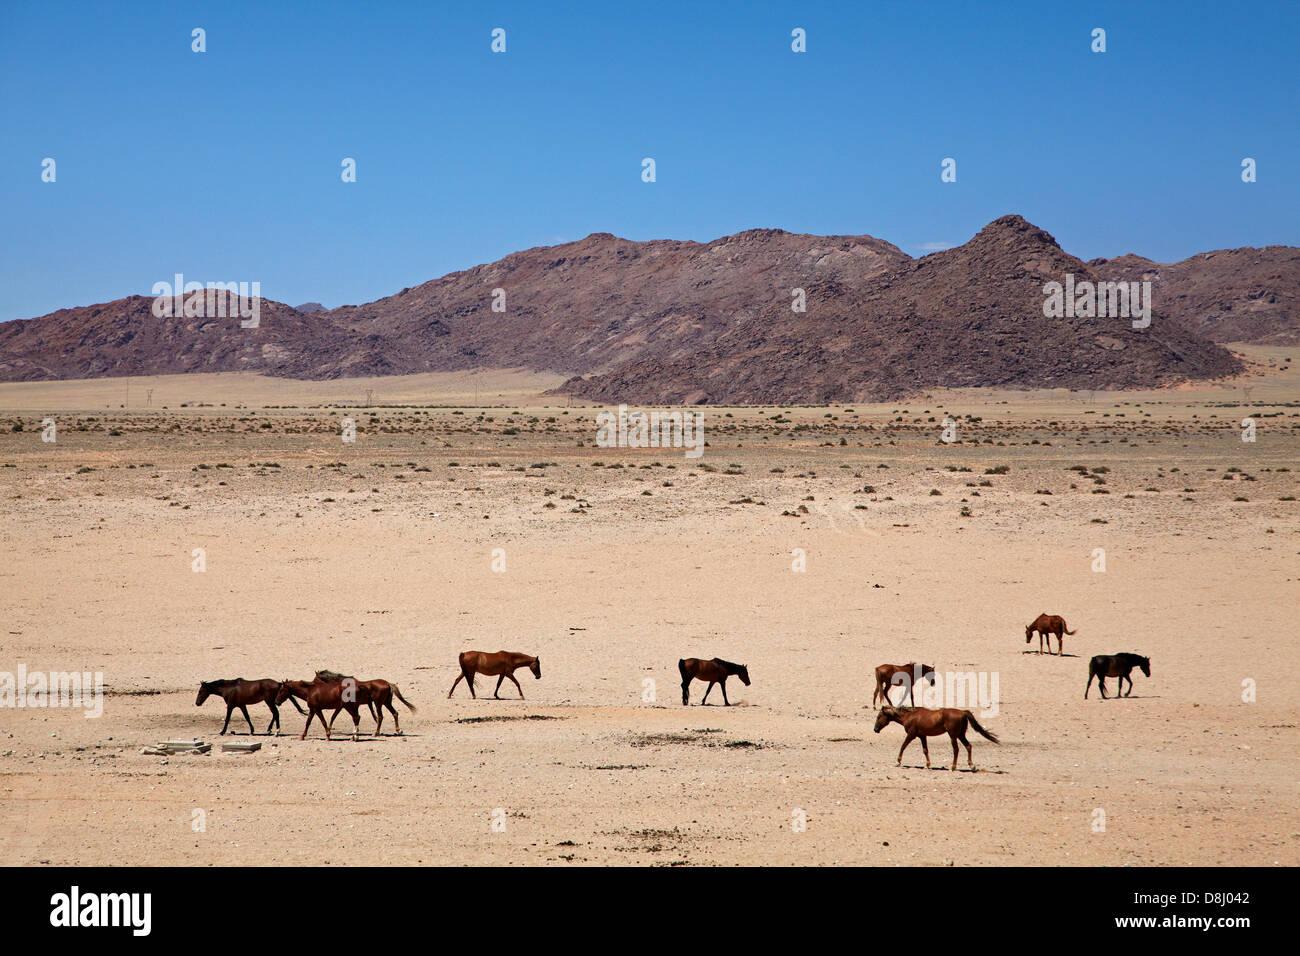 Les chevaux sauvages, Garub, Namib-Naukluft National Park, près de l'Aus, le sud de la Namibie, l'Afrique Banque D'Images